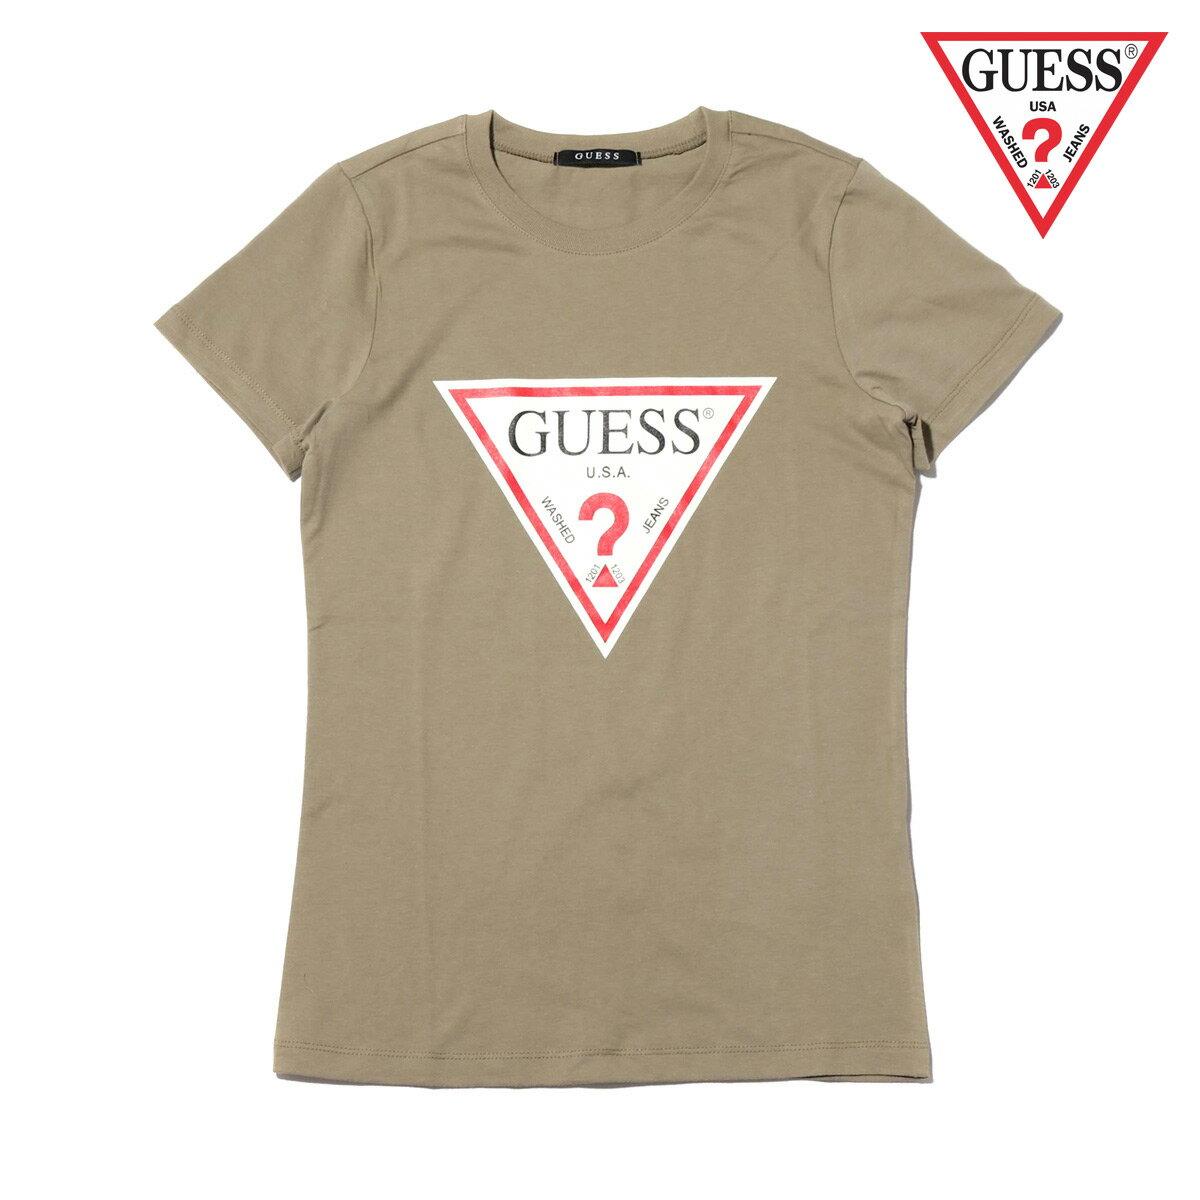 GUESS WMN'S S/SLV LOGO TEE SHIRT(KHAKI)(ゲス ウィメンズ ショートスリーブ ロゴ Tシャツ)